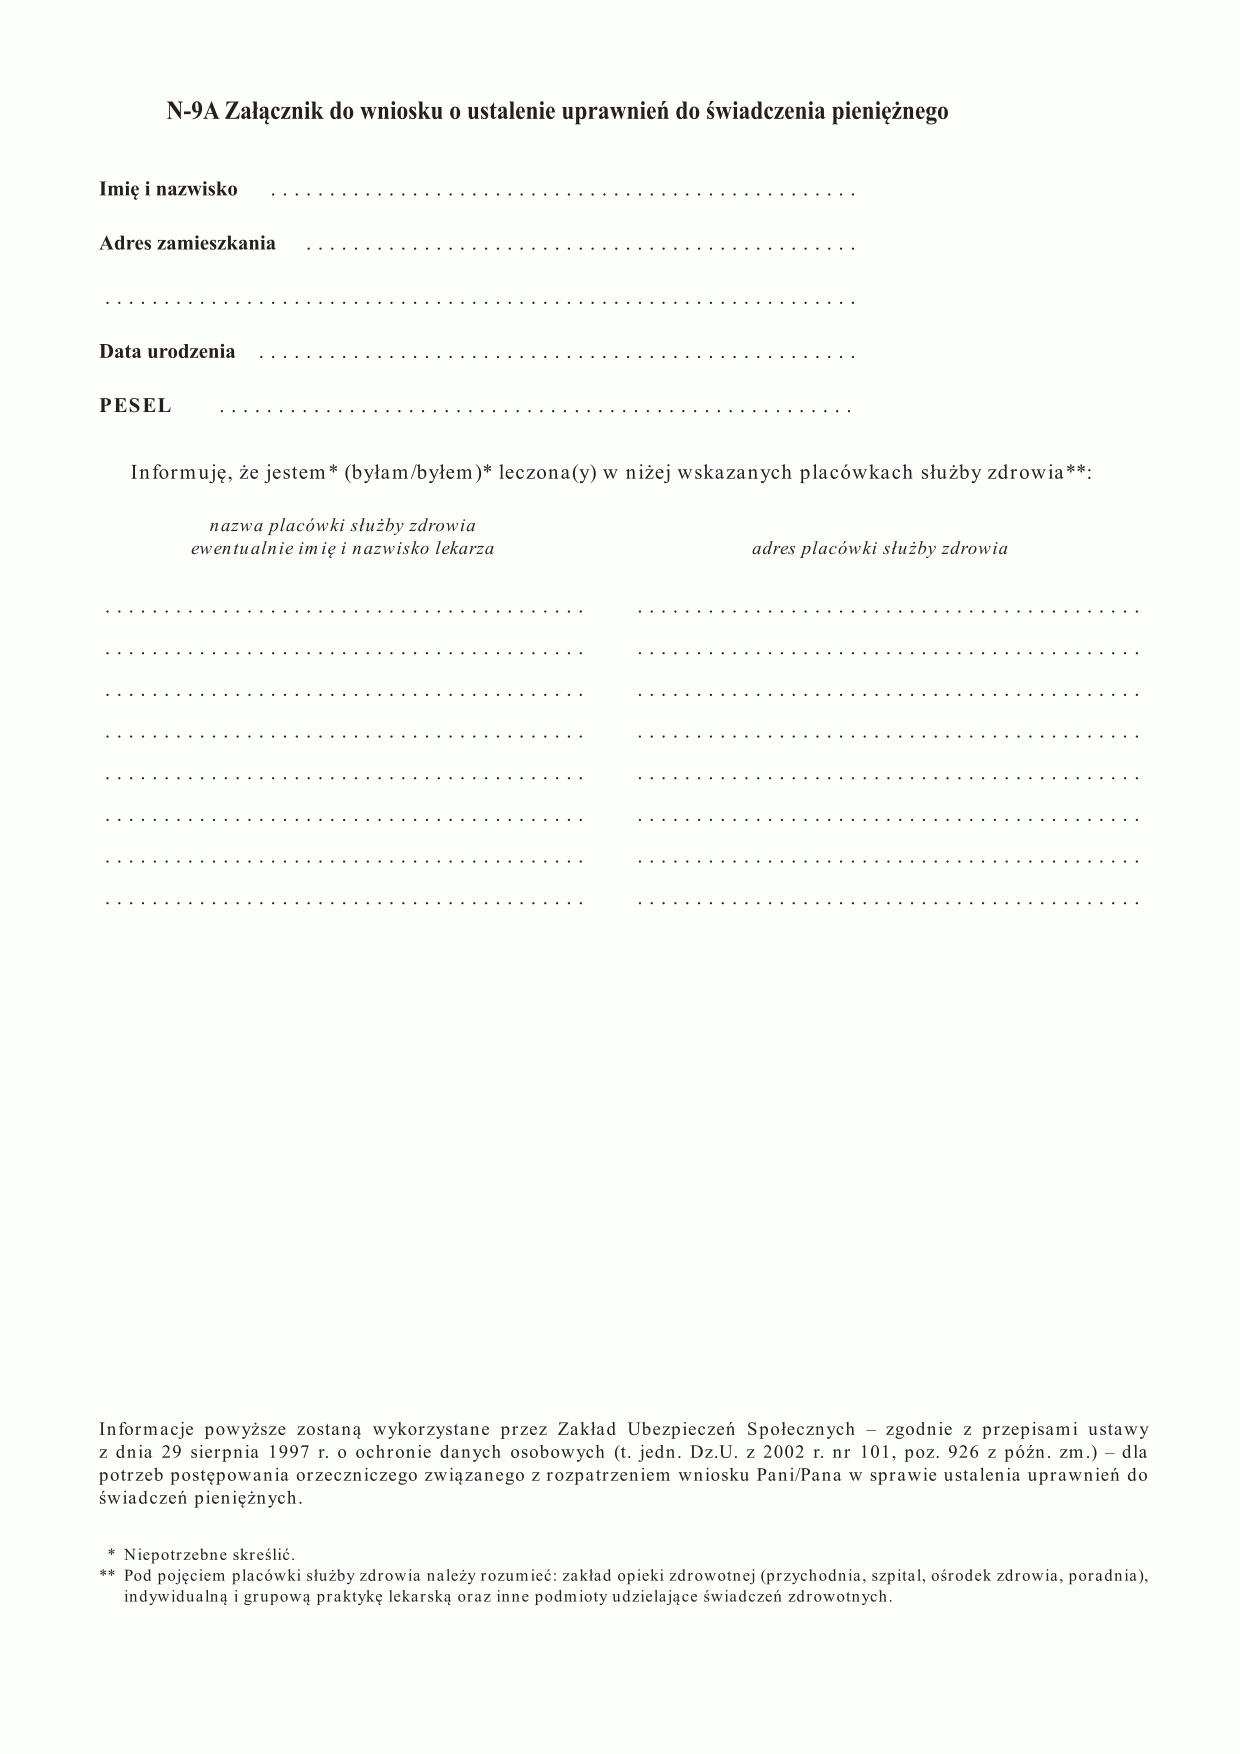 ZUS N-9A  Załącznik do wniosku o ustalenie uprawnień do świadczenia pieniężnego